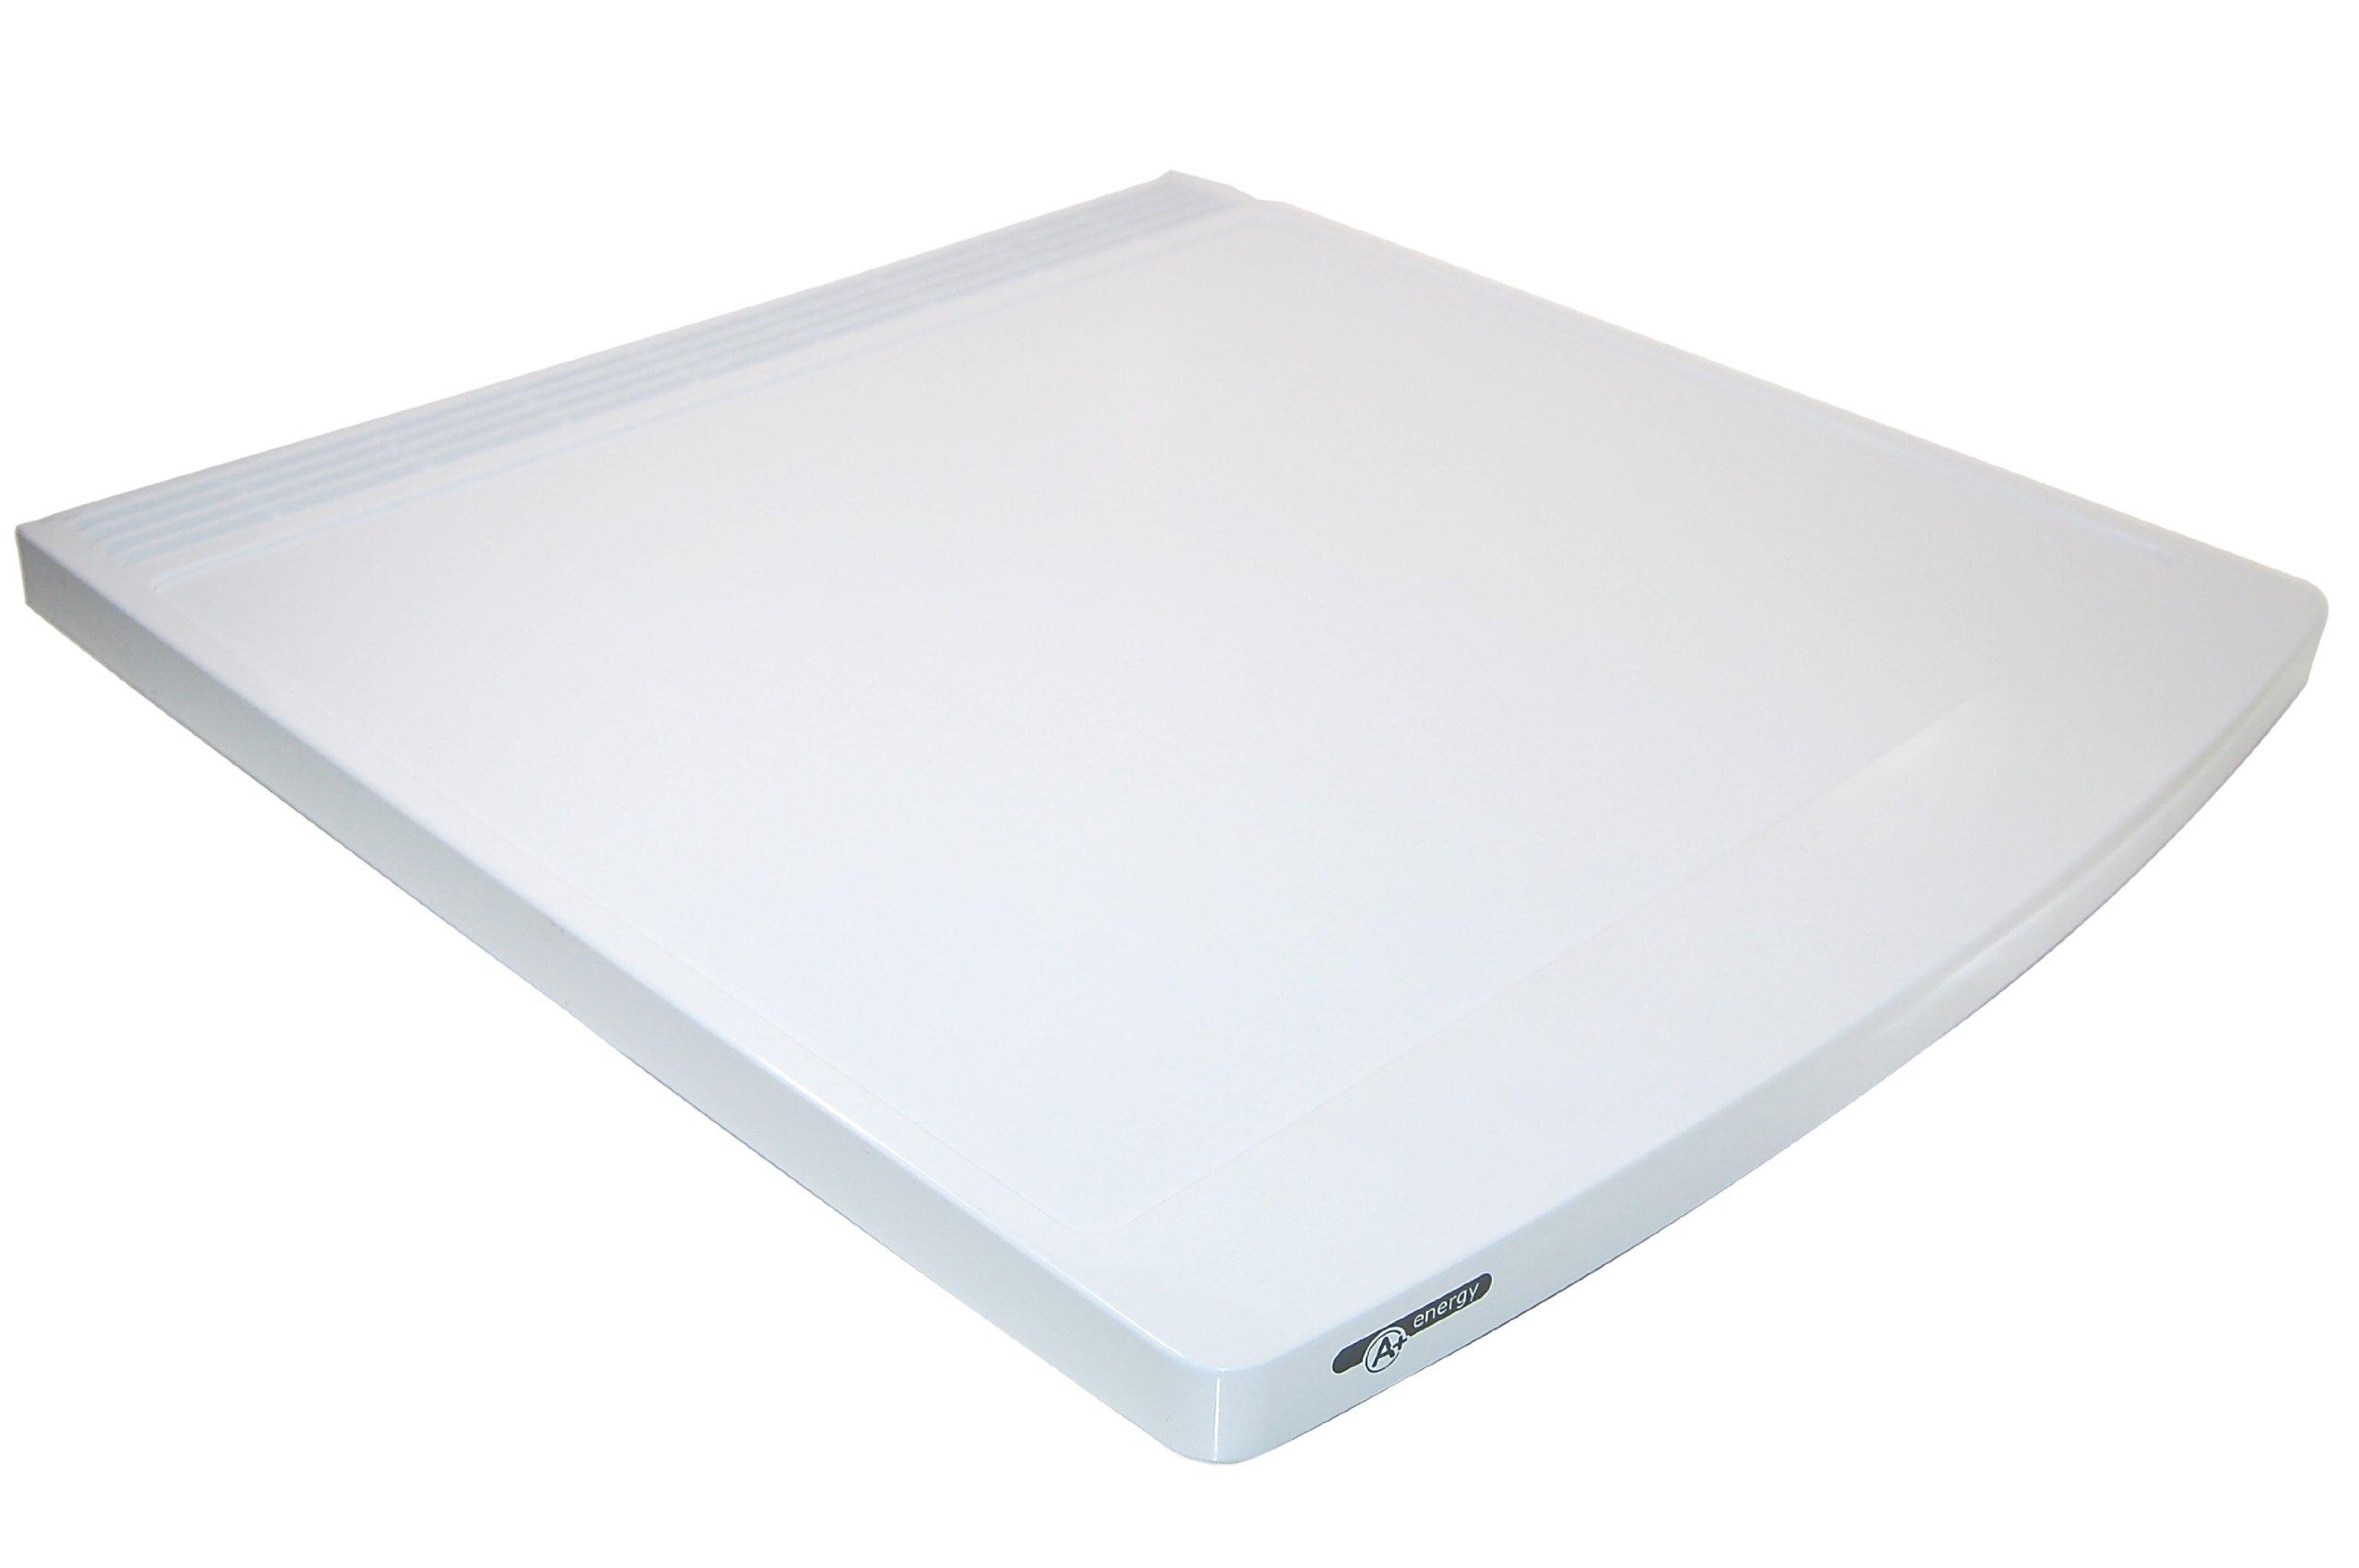 véritable Réfrigérateur Congélateur Whirlpool Table. Numéro de pièce 481244011434